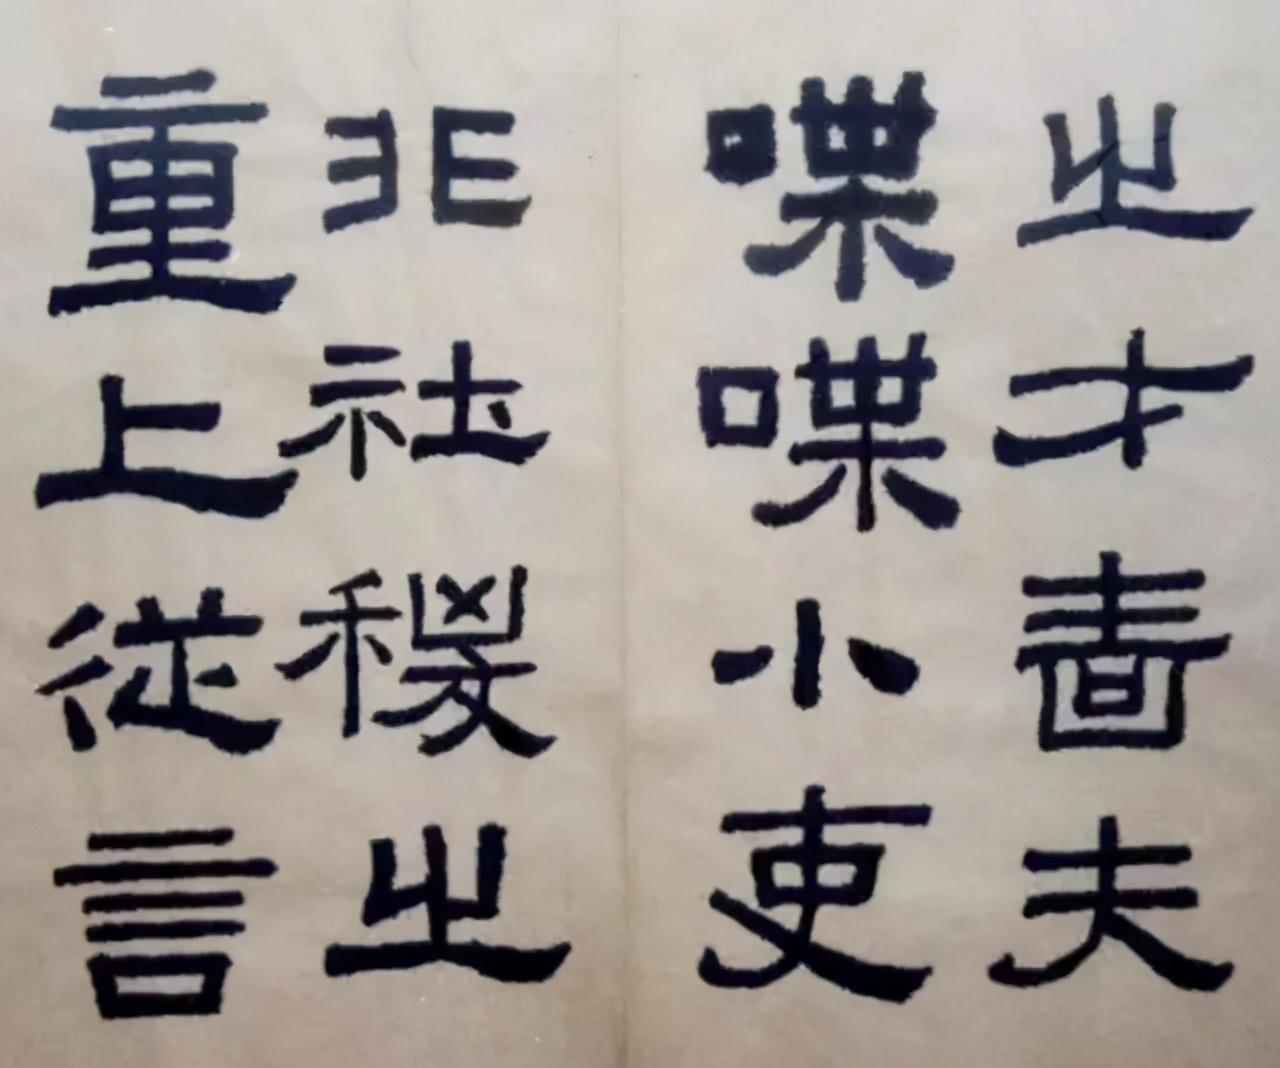 林散之70岁时临写《张迁碑》,这才叫临帖!